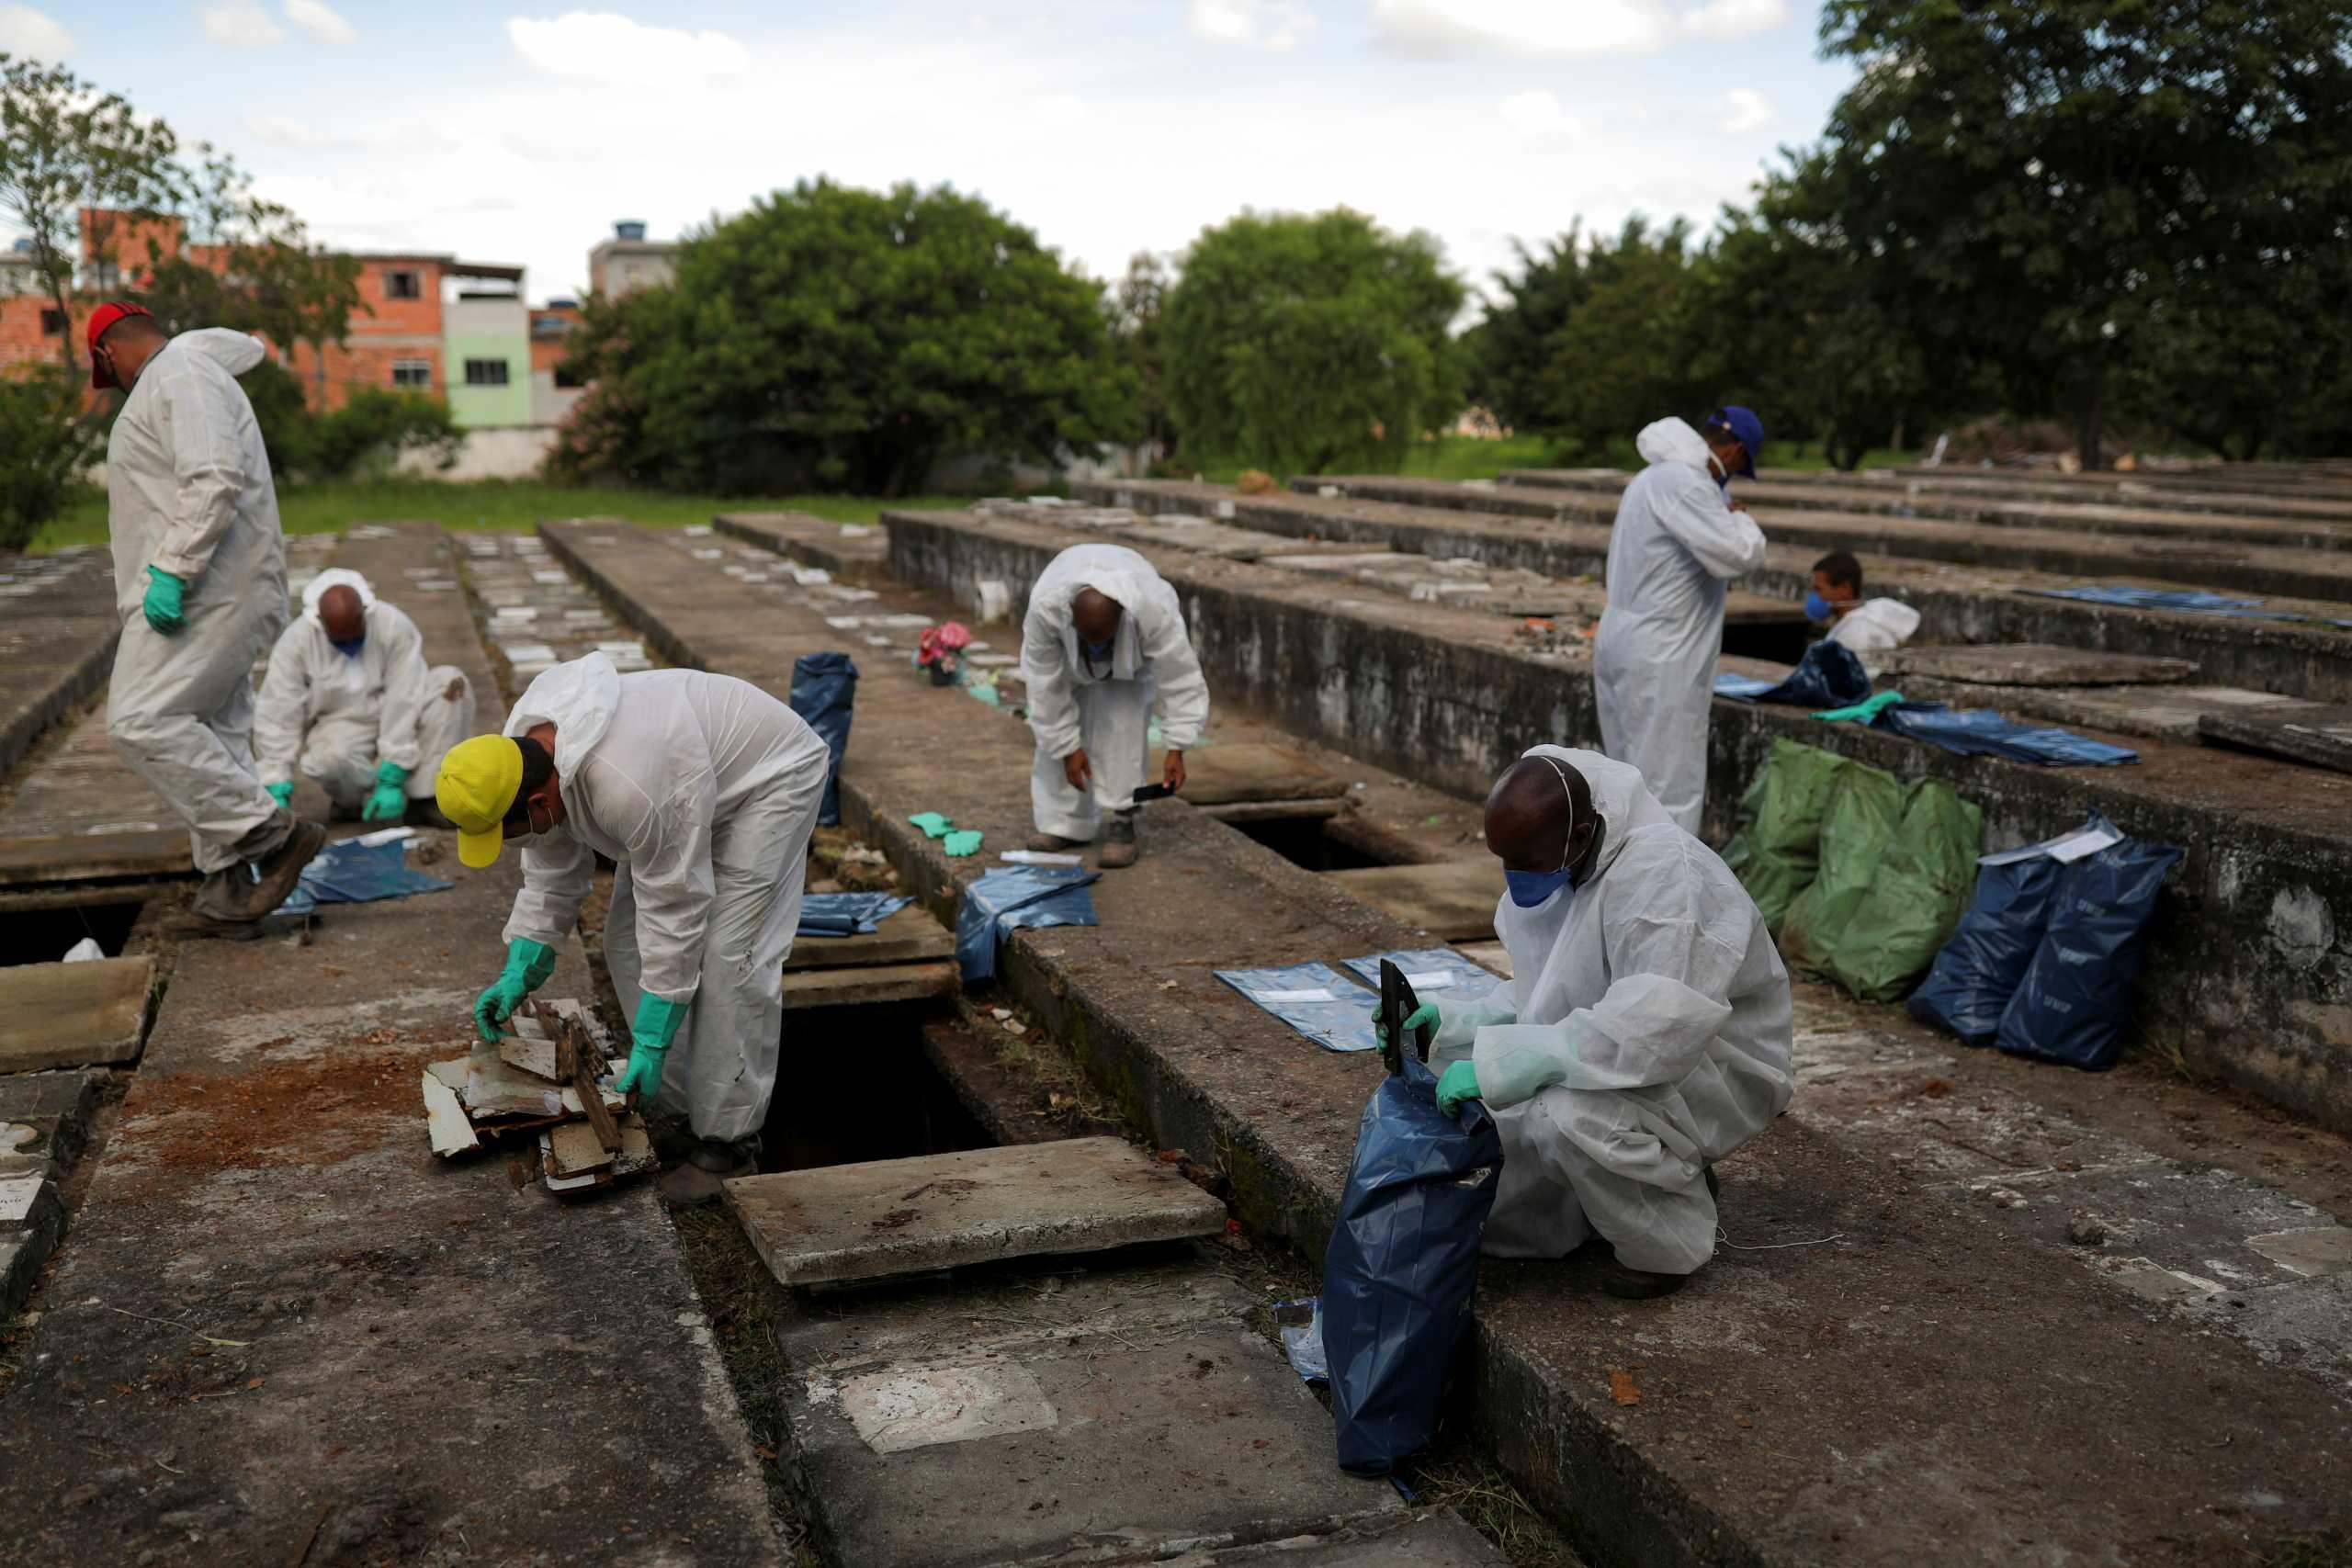 «Βράζει» η Βραζιλία που μετρά ακόμη 3.693 νεκρούς και πάνω από 93.000 νέα κρούσματα κορονοϊού